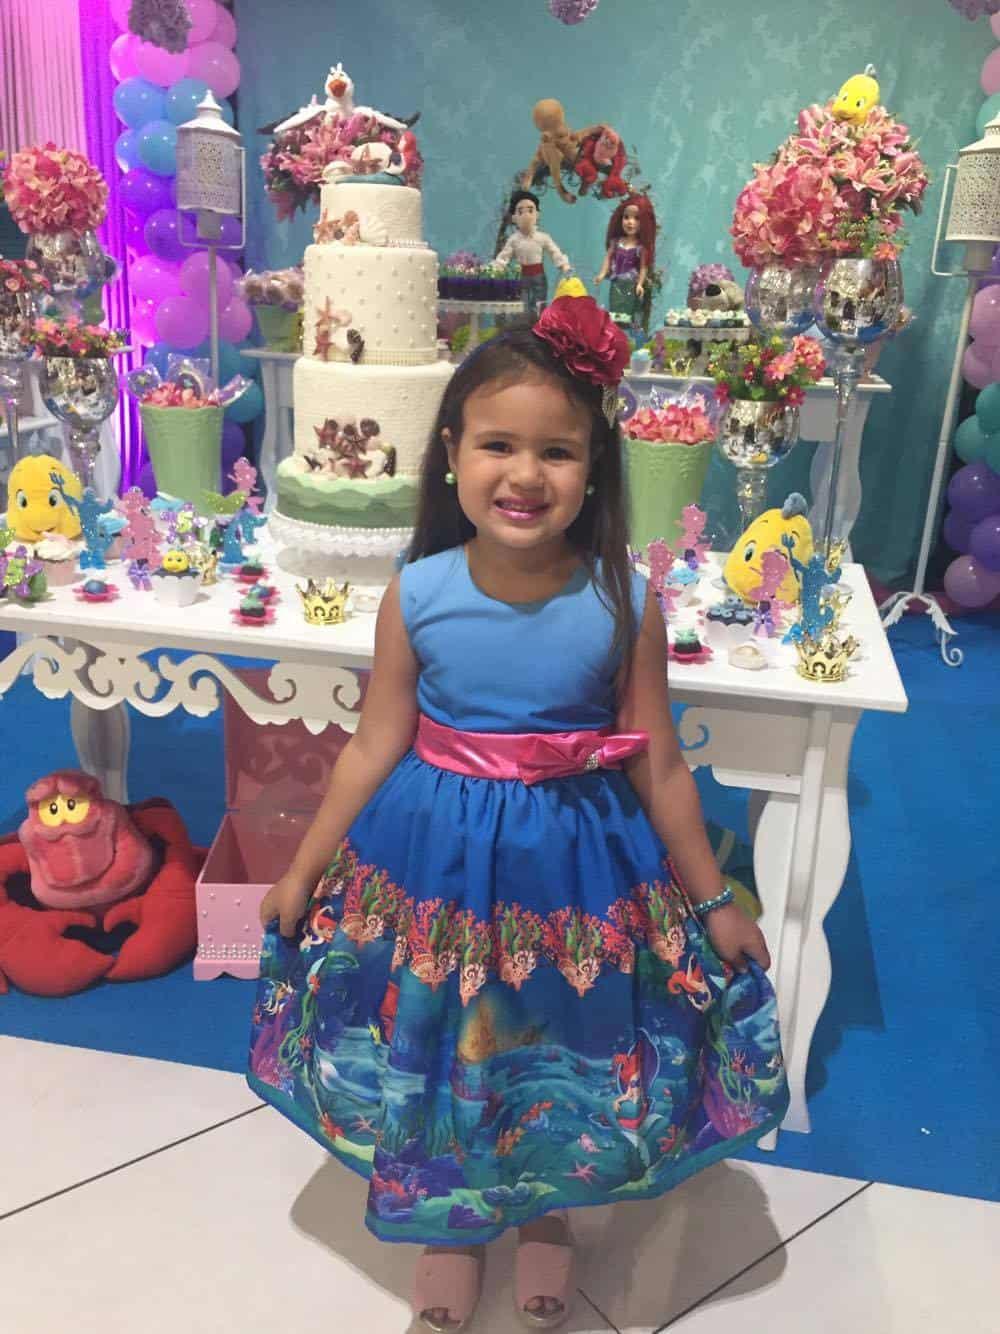 17268975 965366343598037 1518310257 o Elas vestem vestidos infantil de festa Ana Giovanna